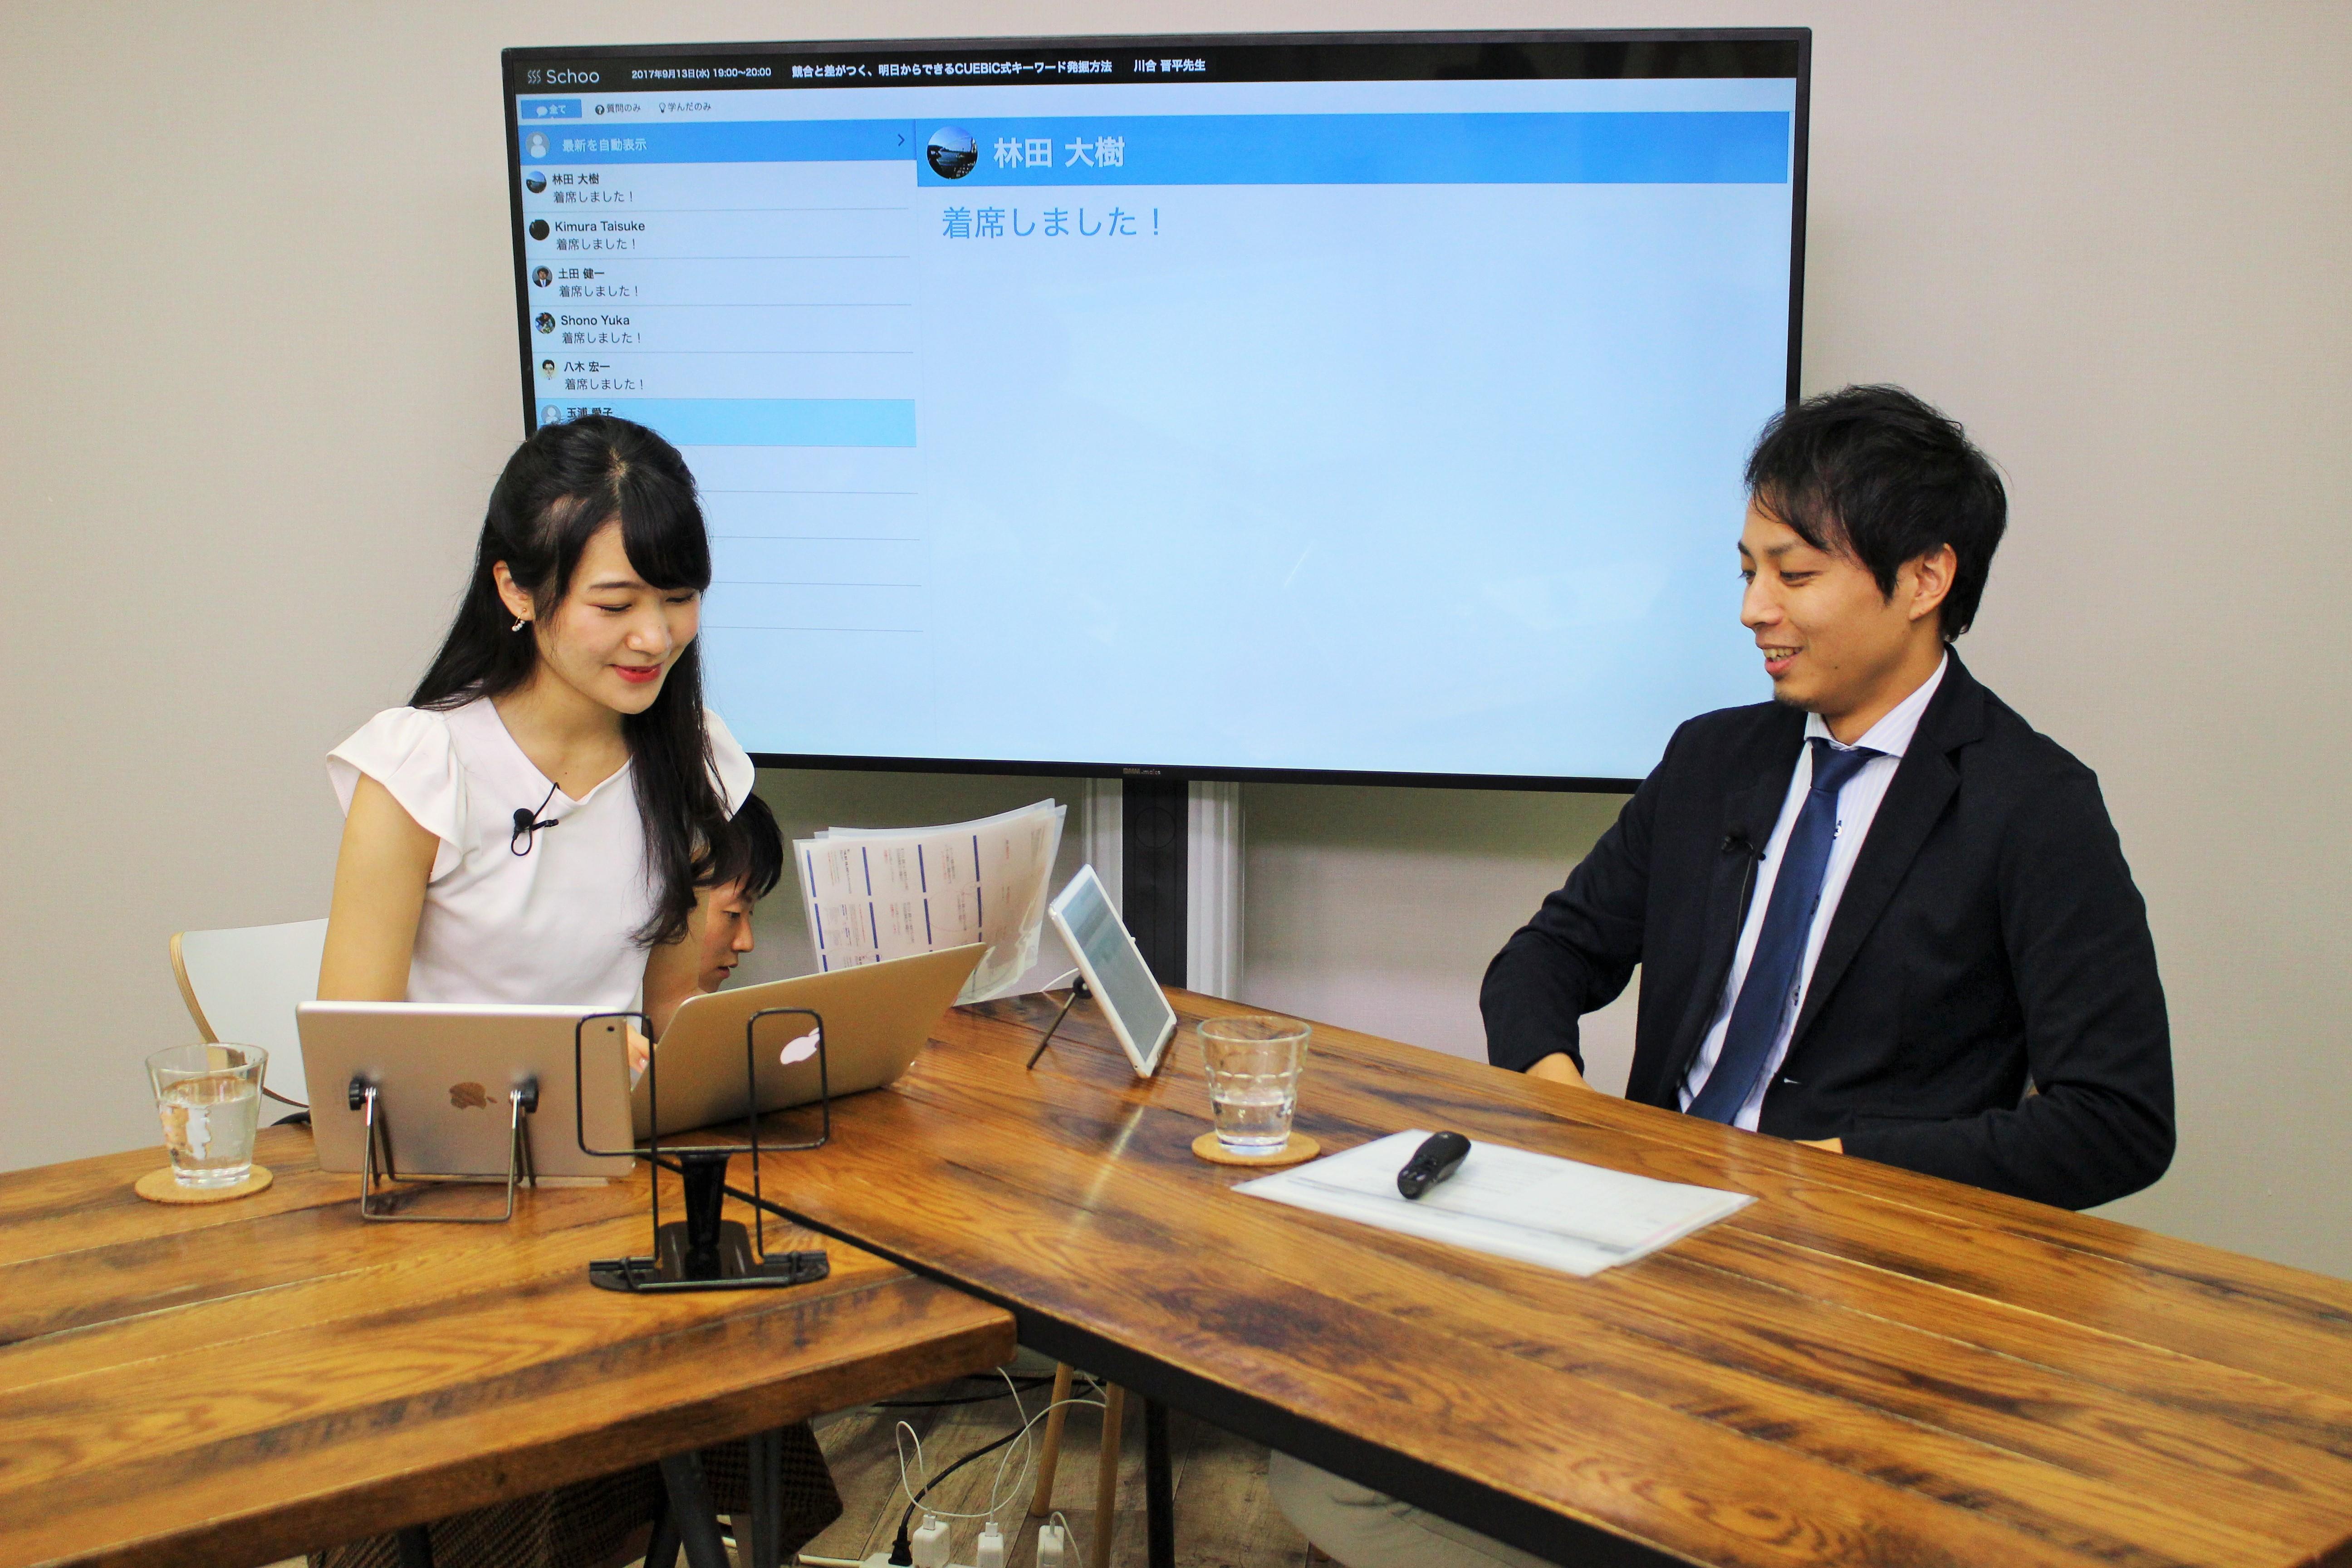 司会の江川さん(左)と川合さん(右)